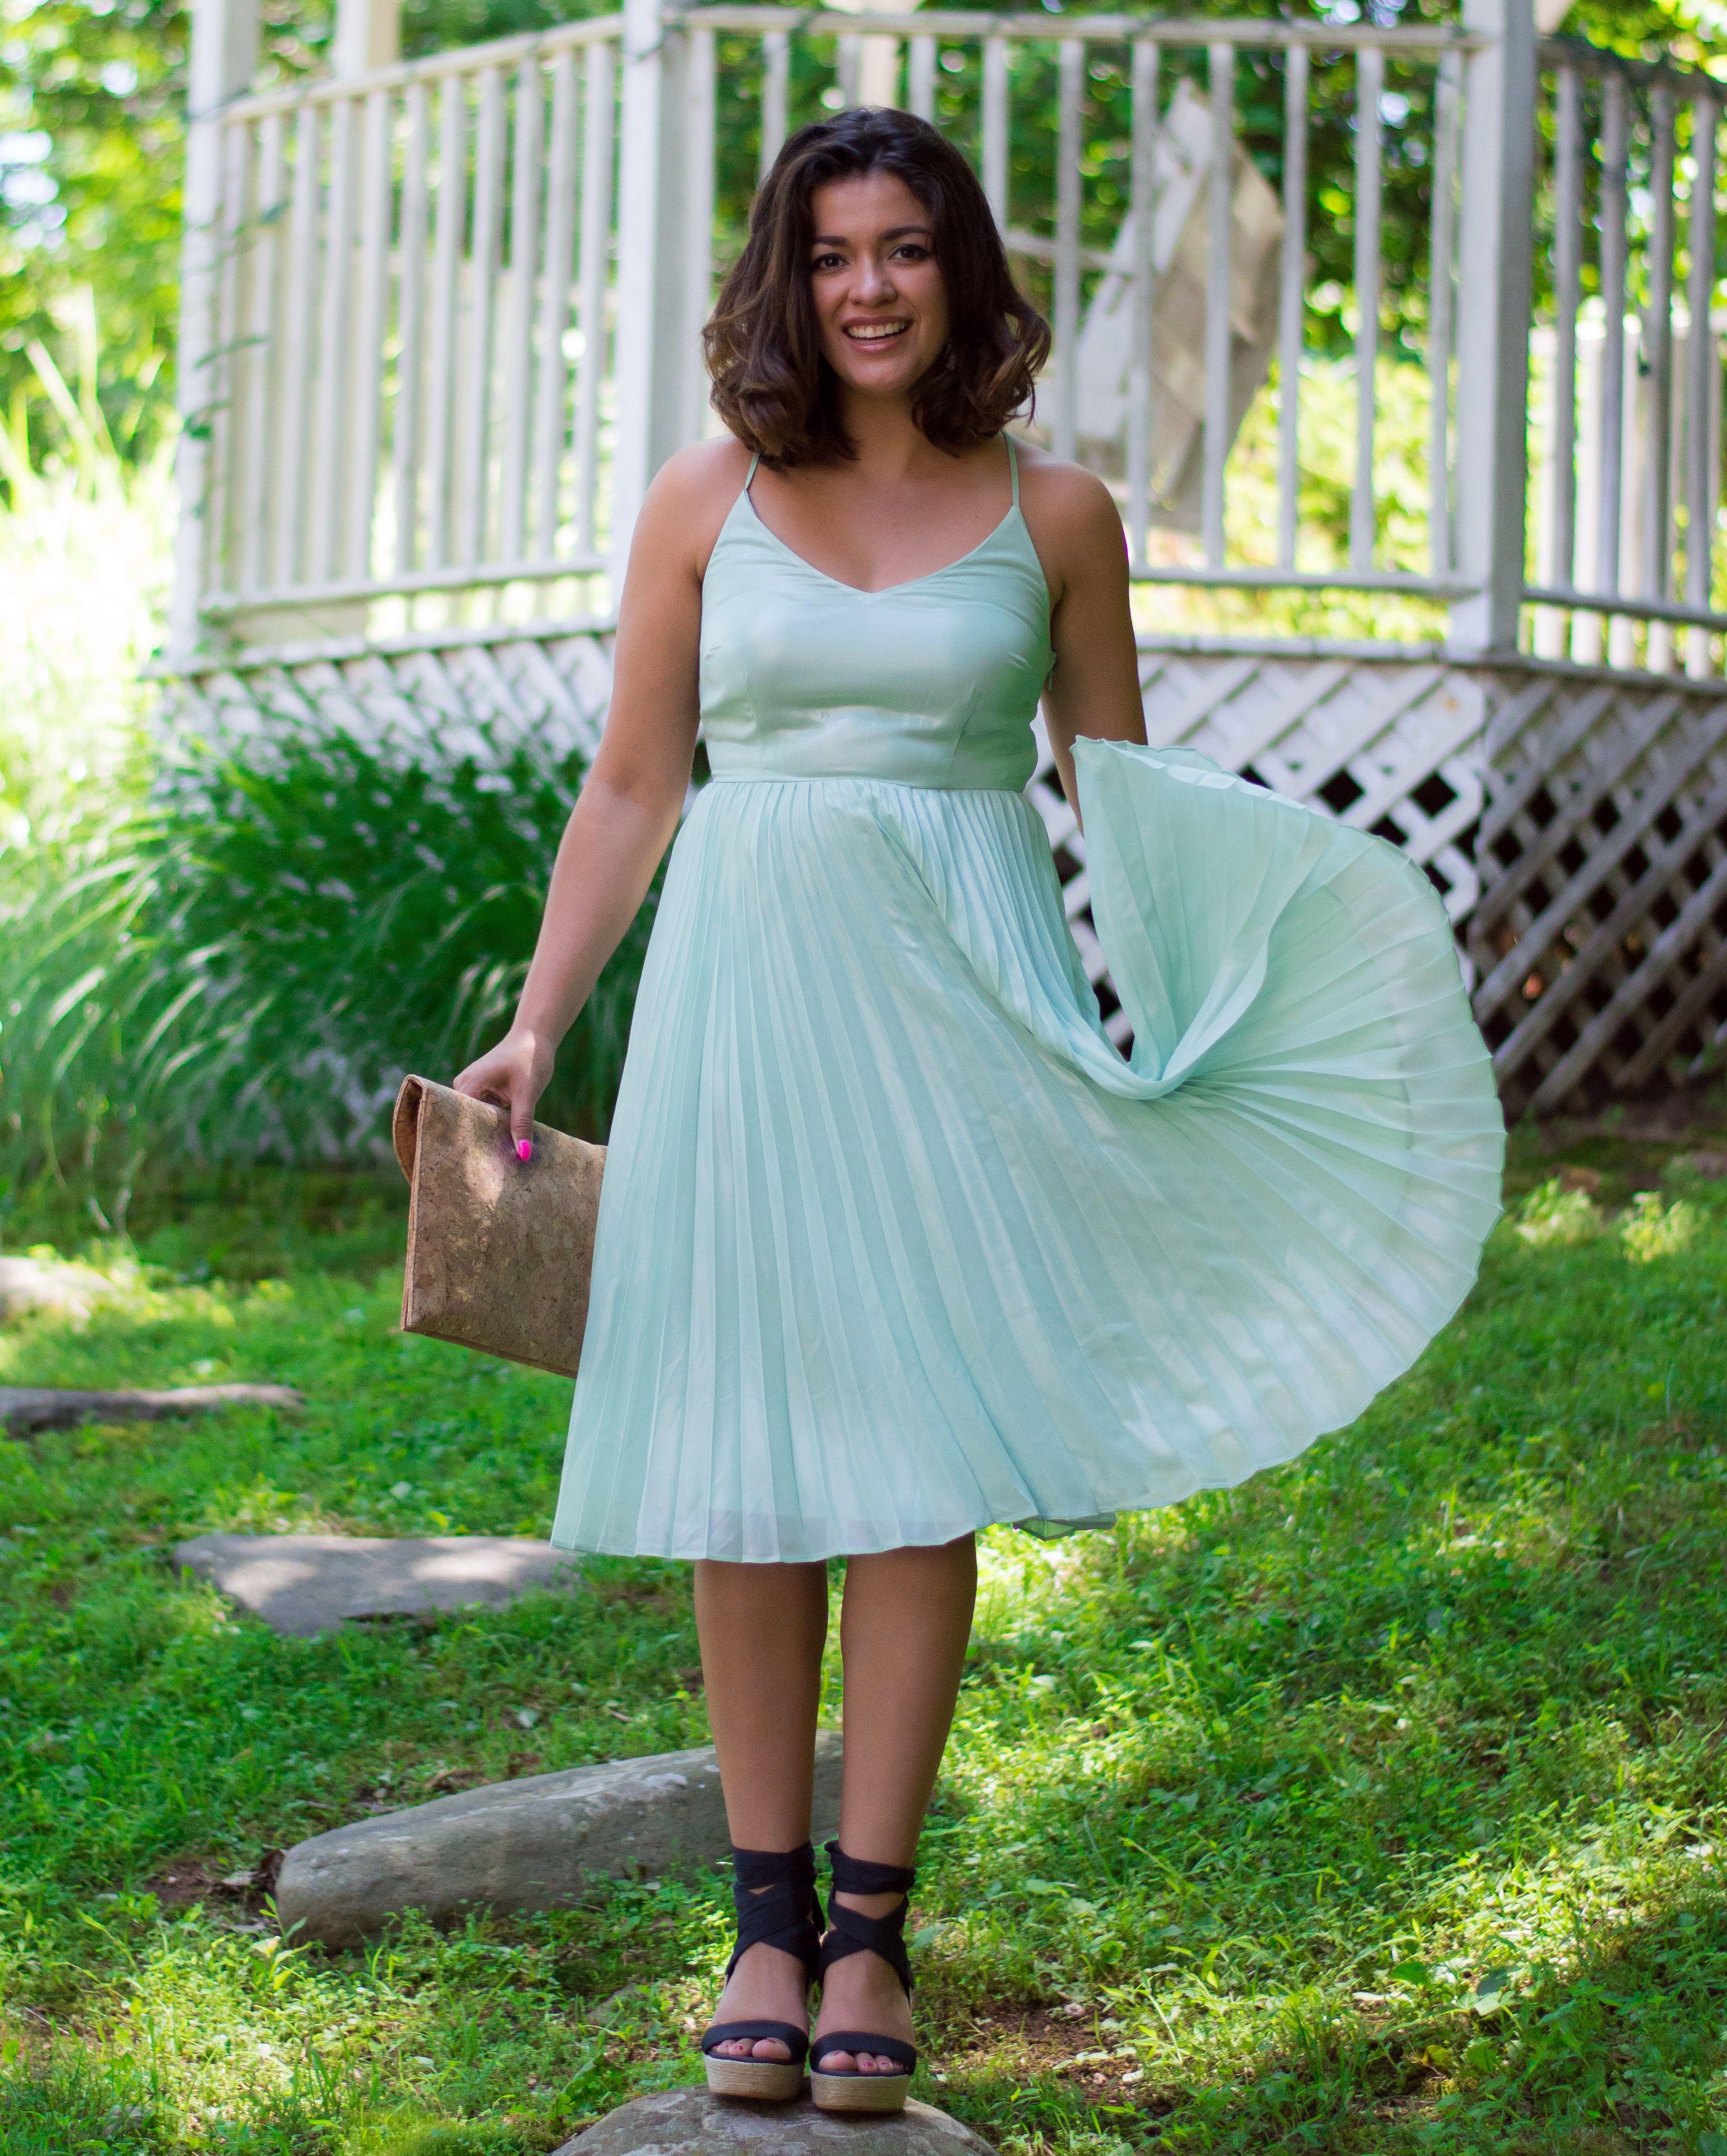 Best dress for wedding guest  Best Summer dresses  Summer dress  Fashion Inspiration  Summer